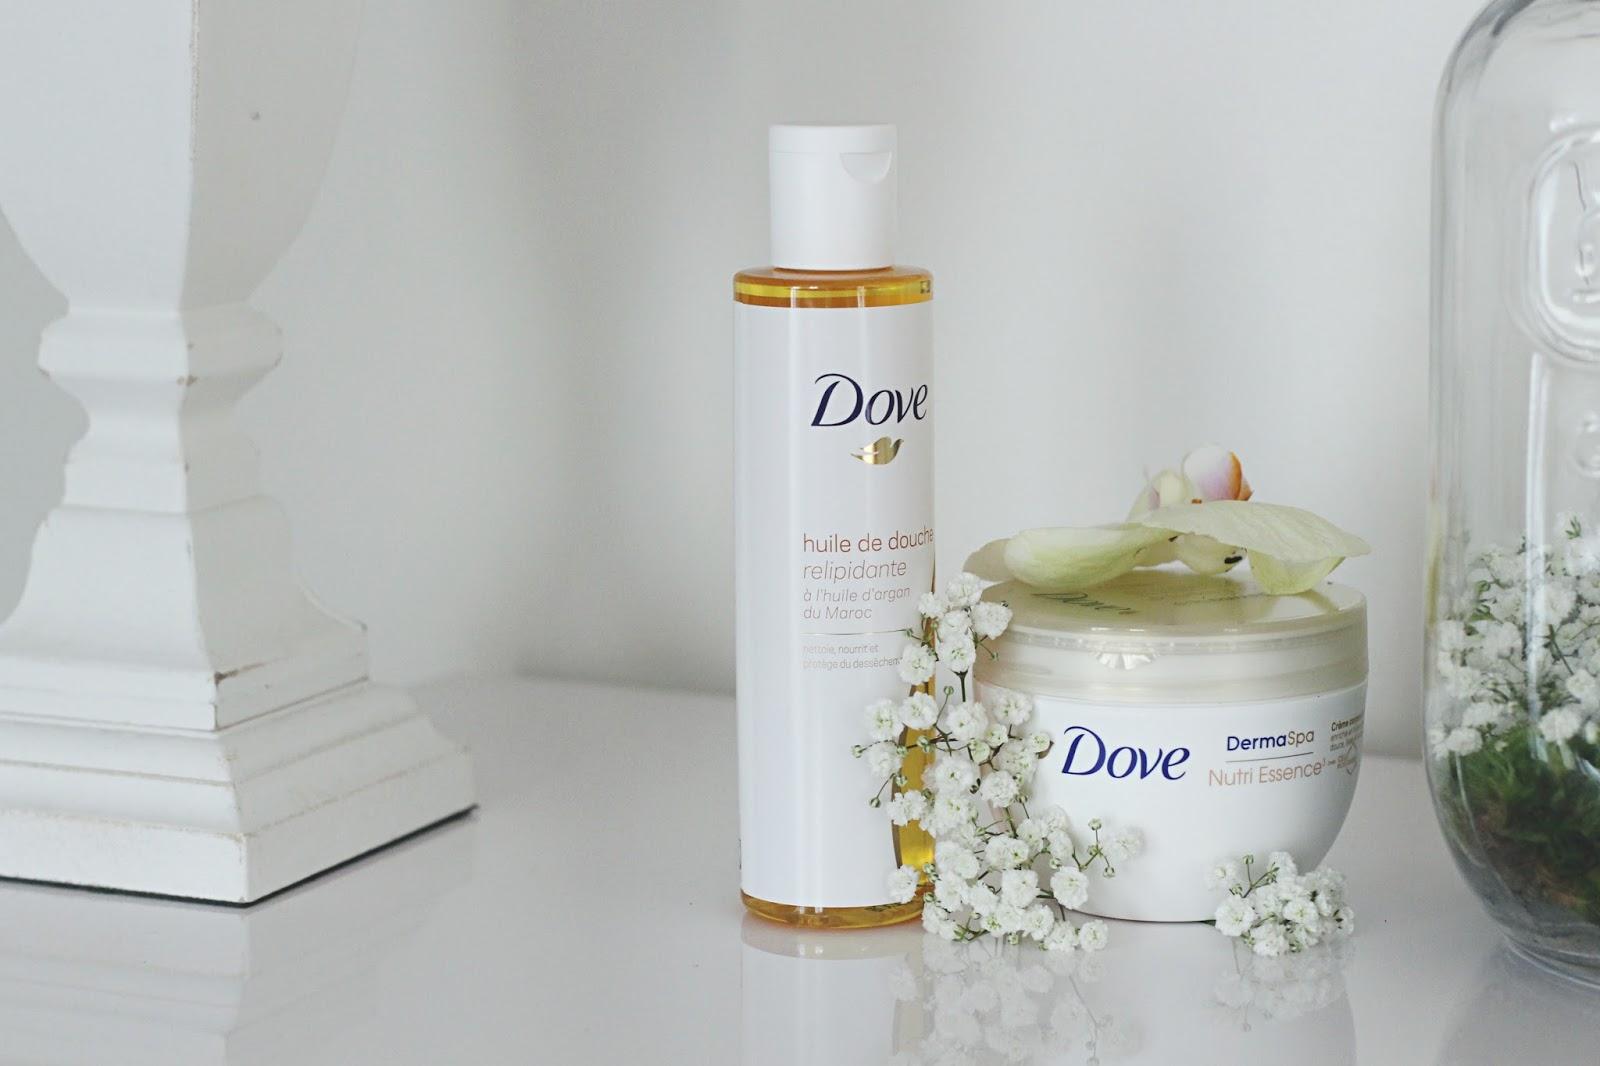 dove hydratation